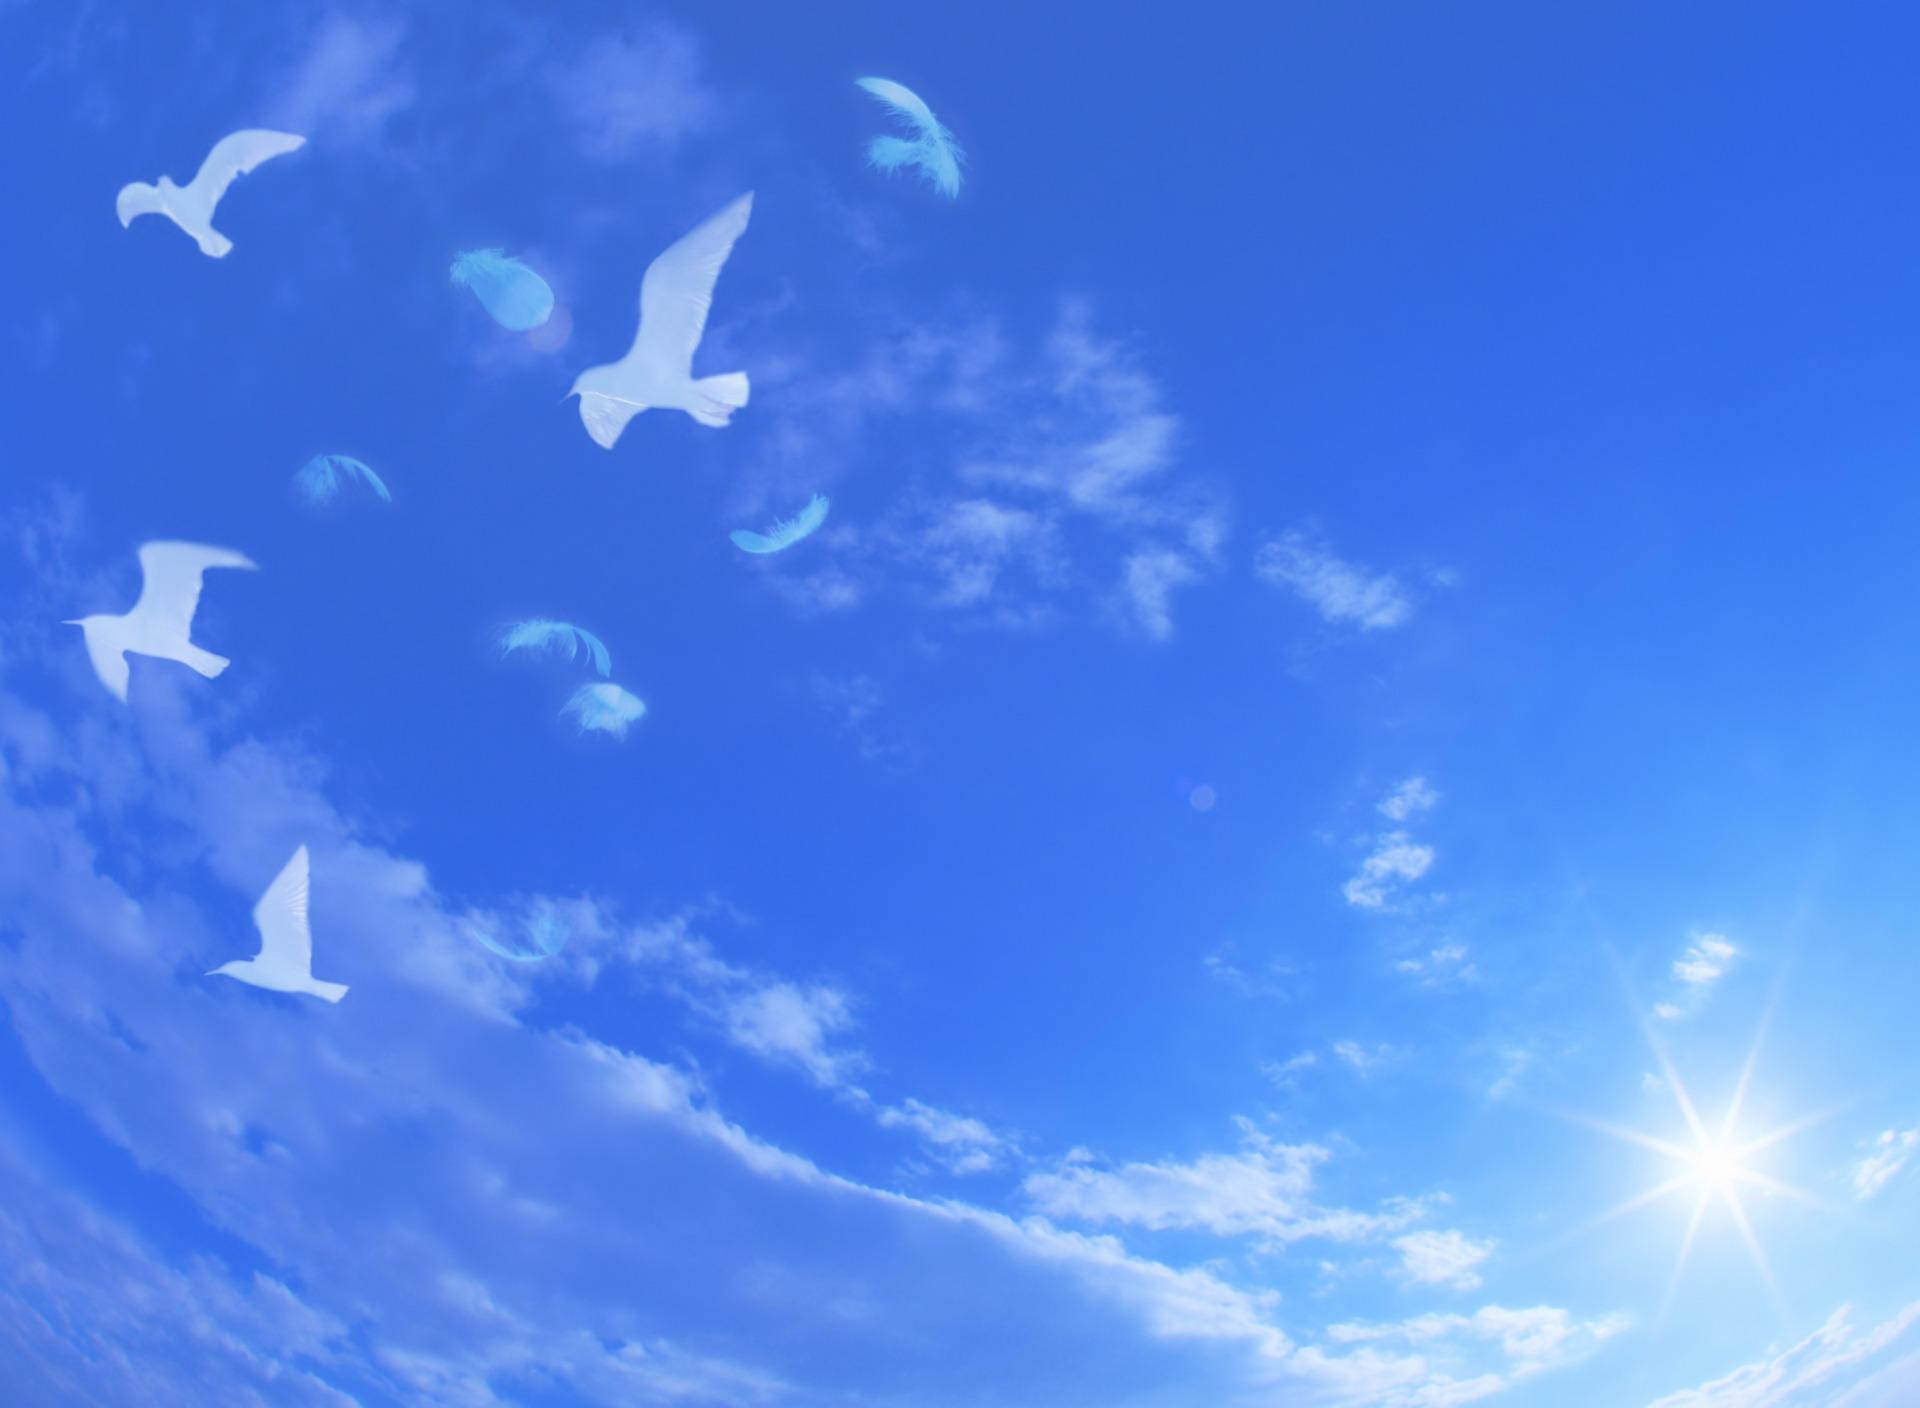 Открытки с небом, месяца знакомства